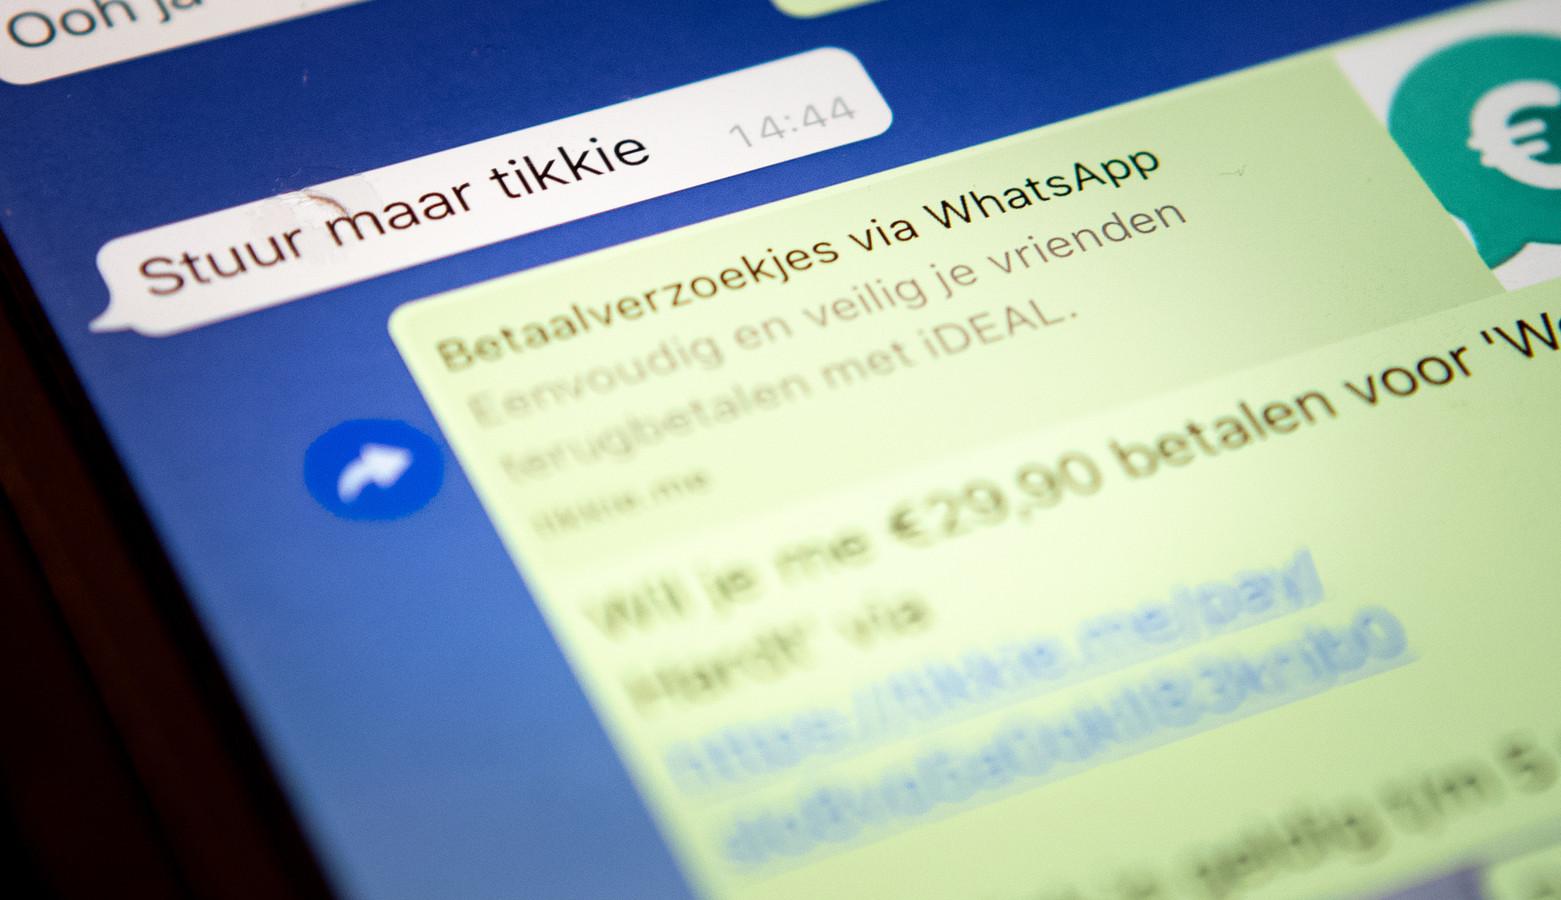 Archieffoto. Oplichters gaan vaak te werk door zich voor te doen als een familielid in nood via WhatsApp.